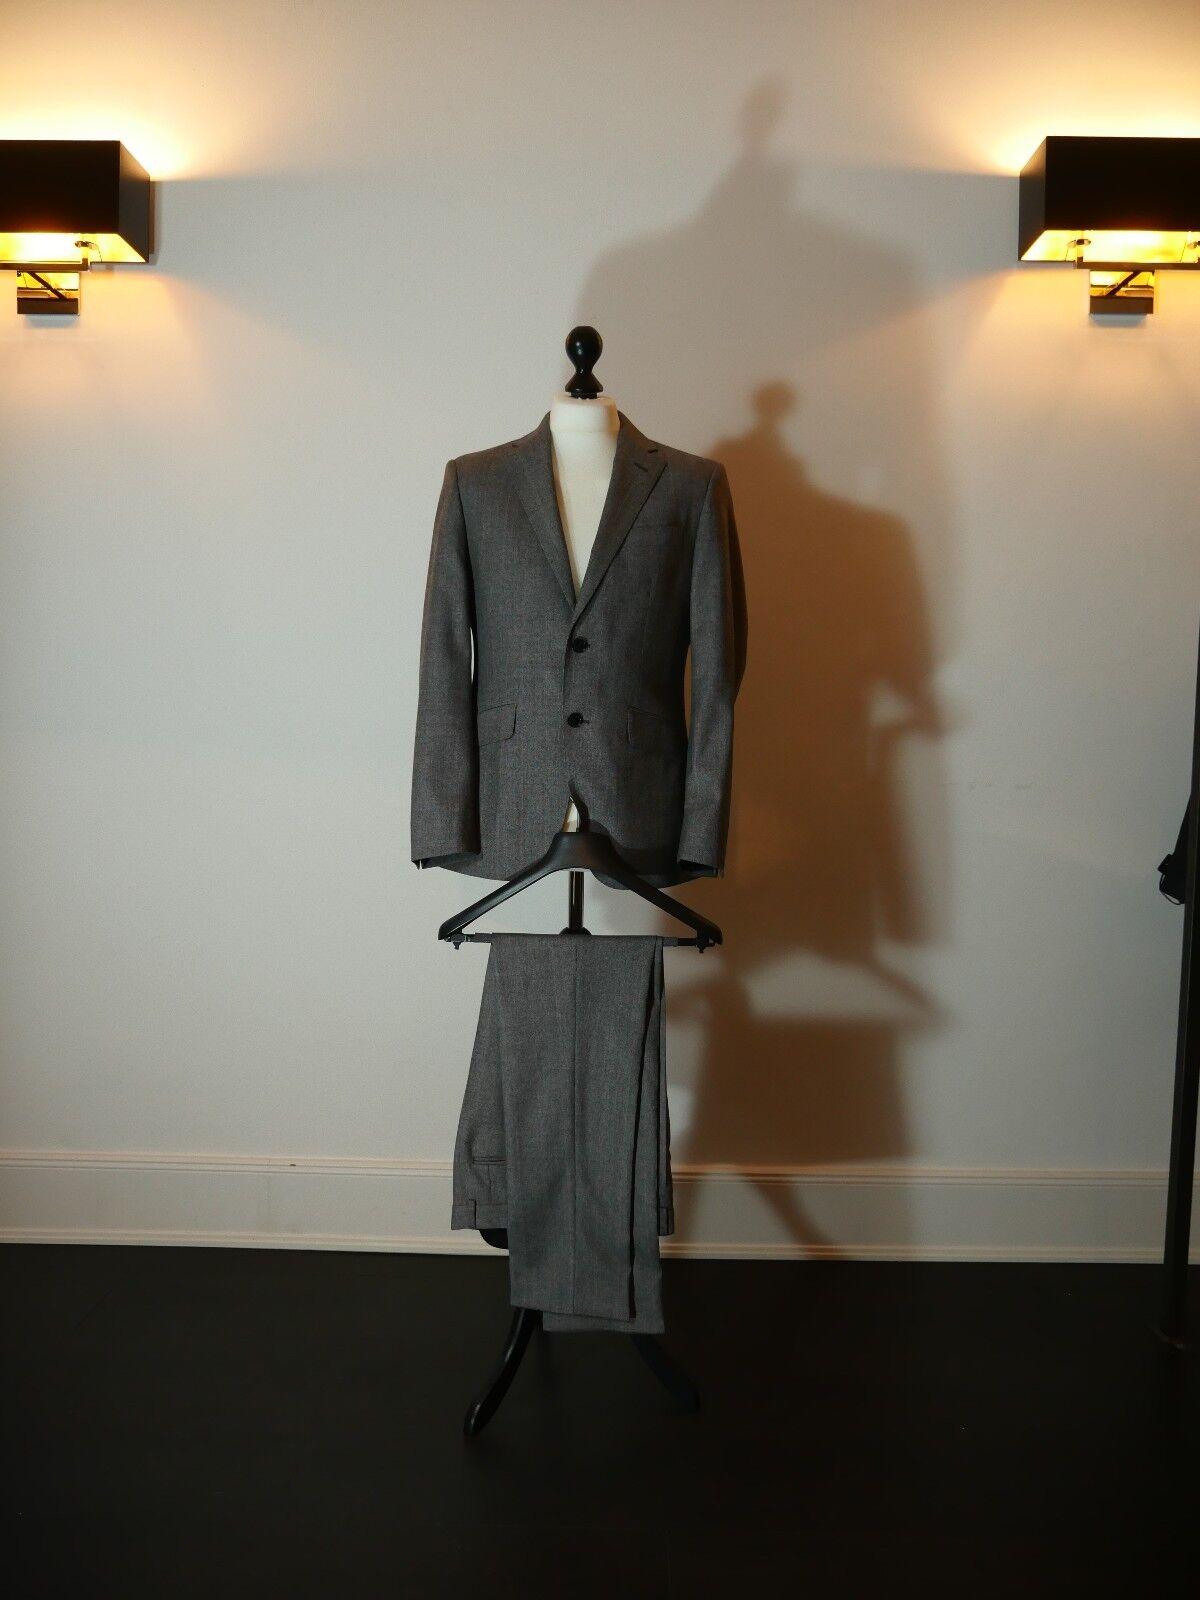 d7eb87ab8 ... Schurwolle Anzug Woven in Napoli 100% Schurwolle Größe 48 48 48 1c0b68  ...